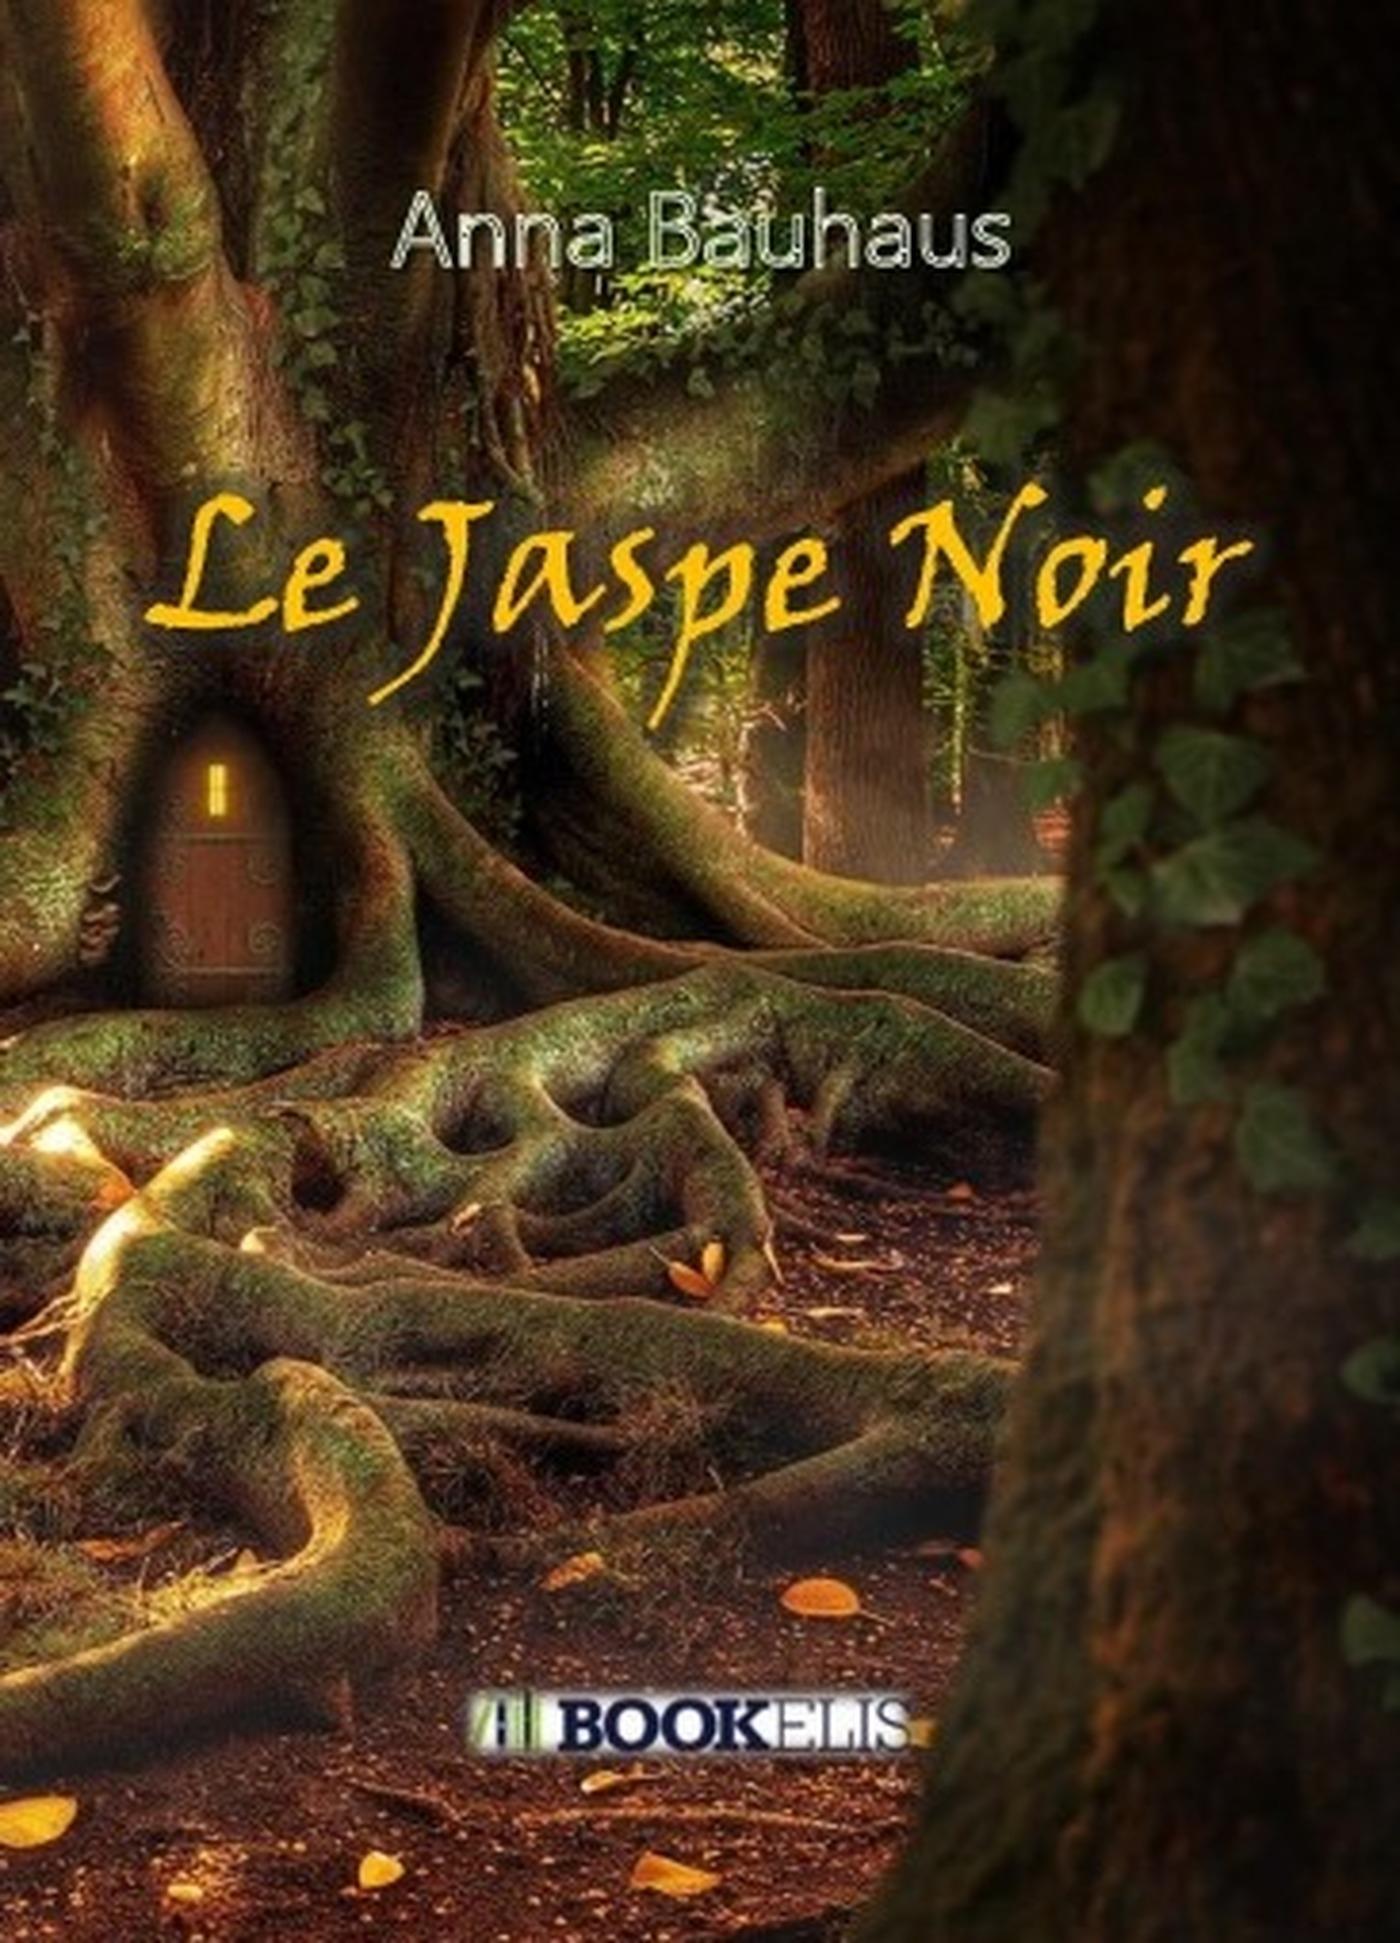 LE JASPE NOIR